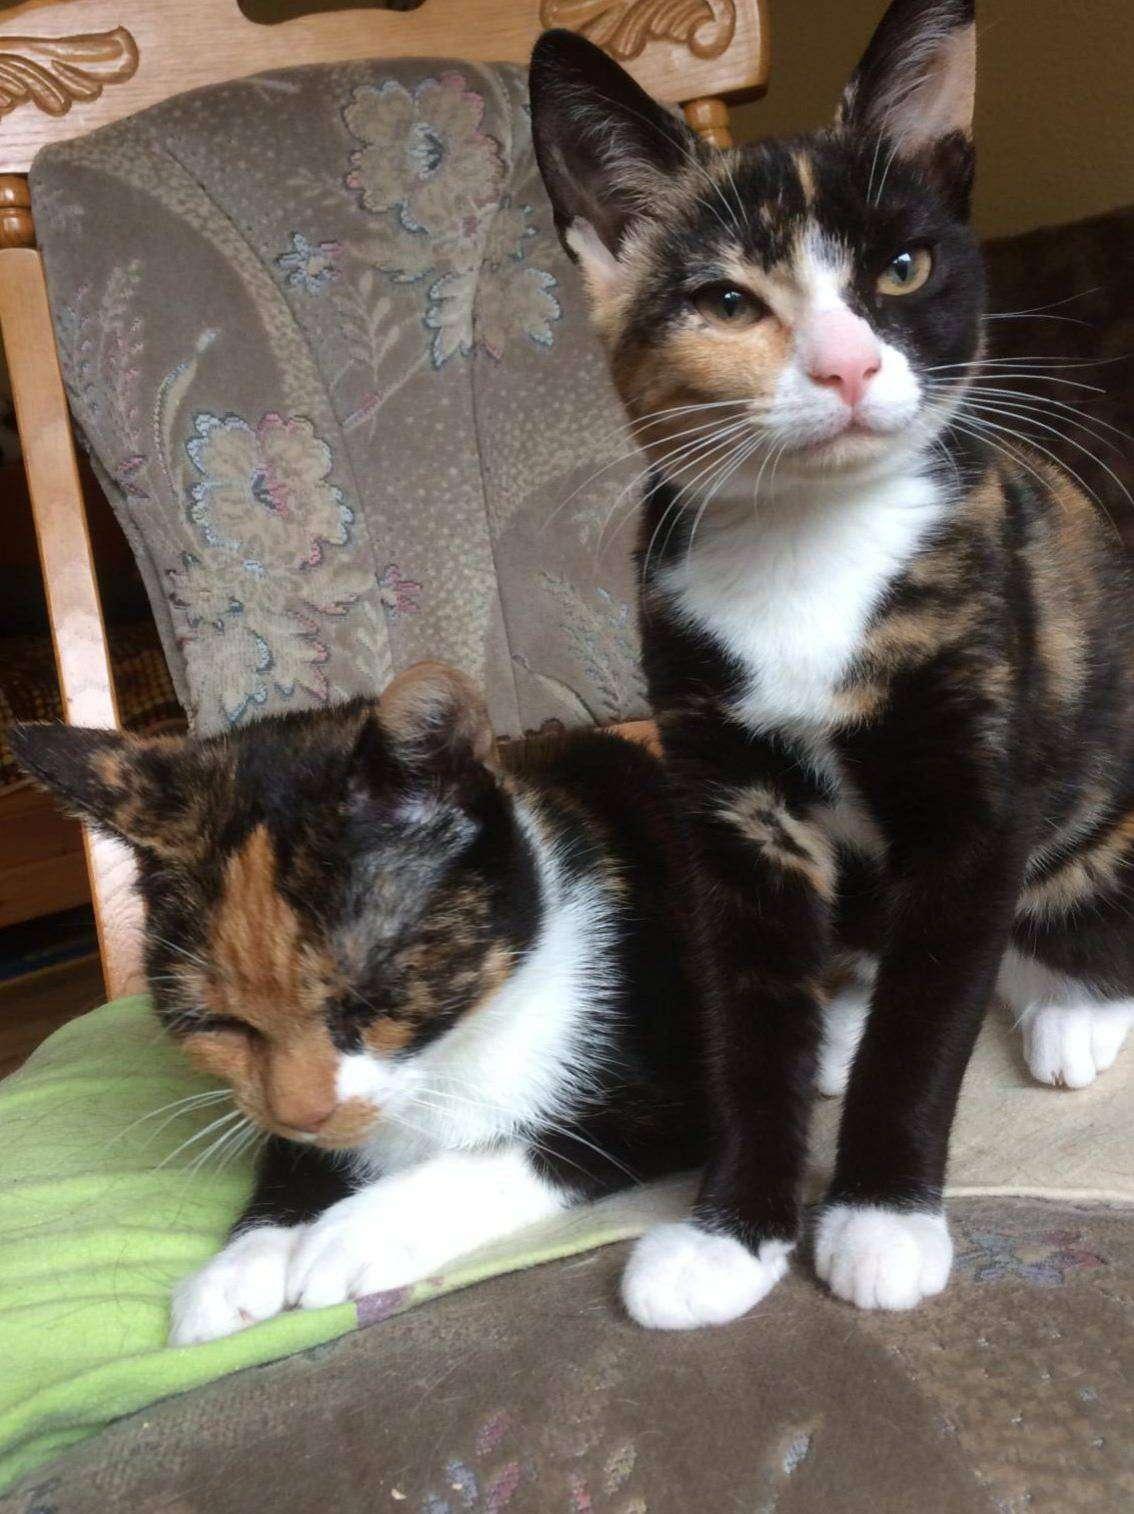 Rosanna ist die liegende hintere Katze und Rhianna die aufrecht sitzende.